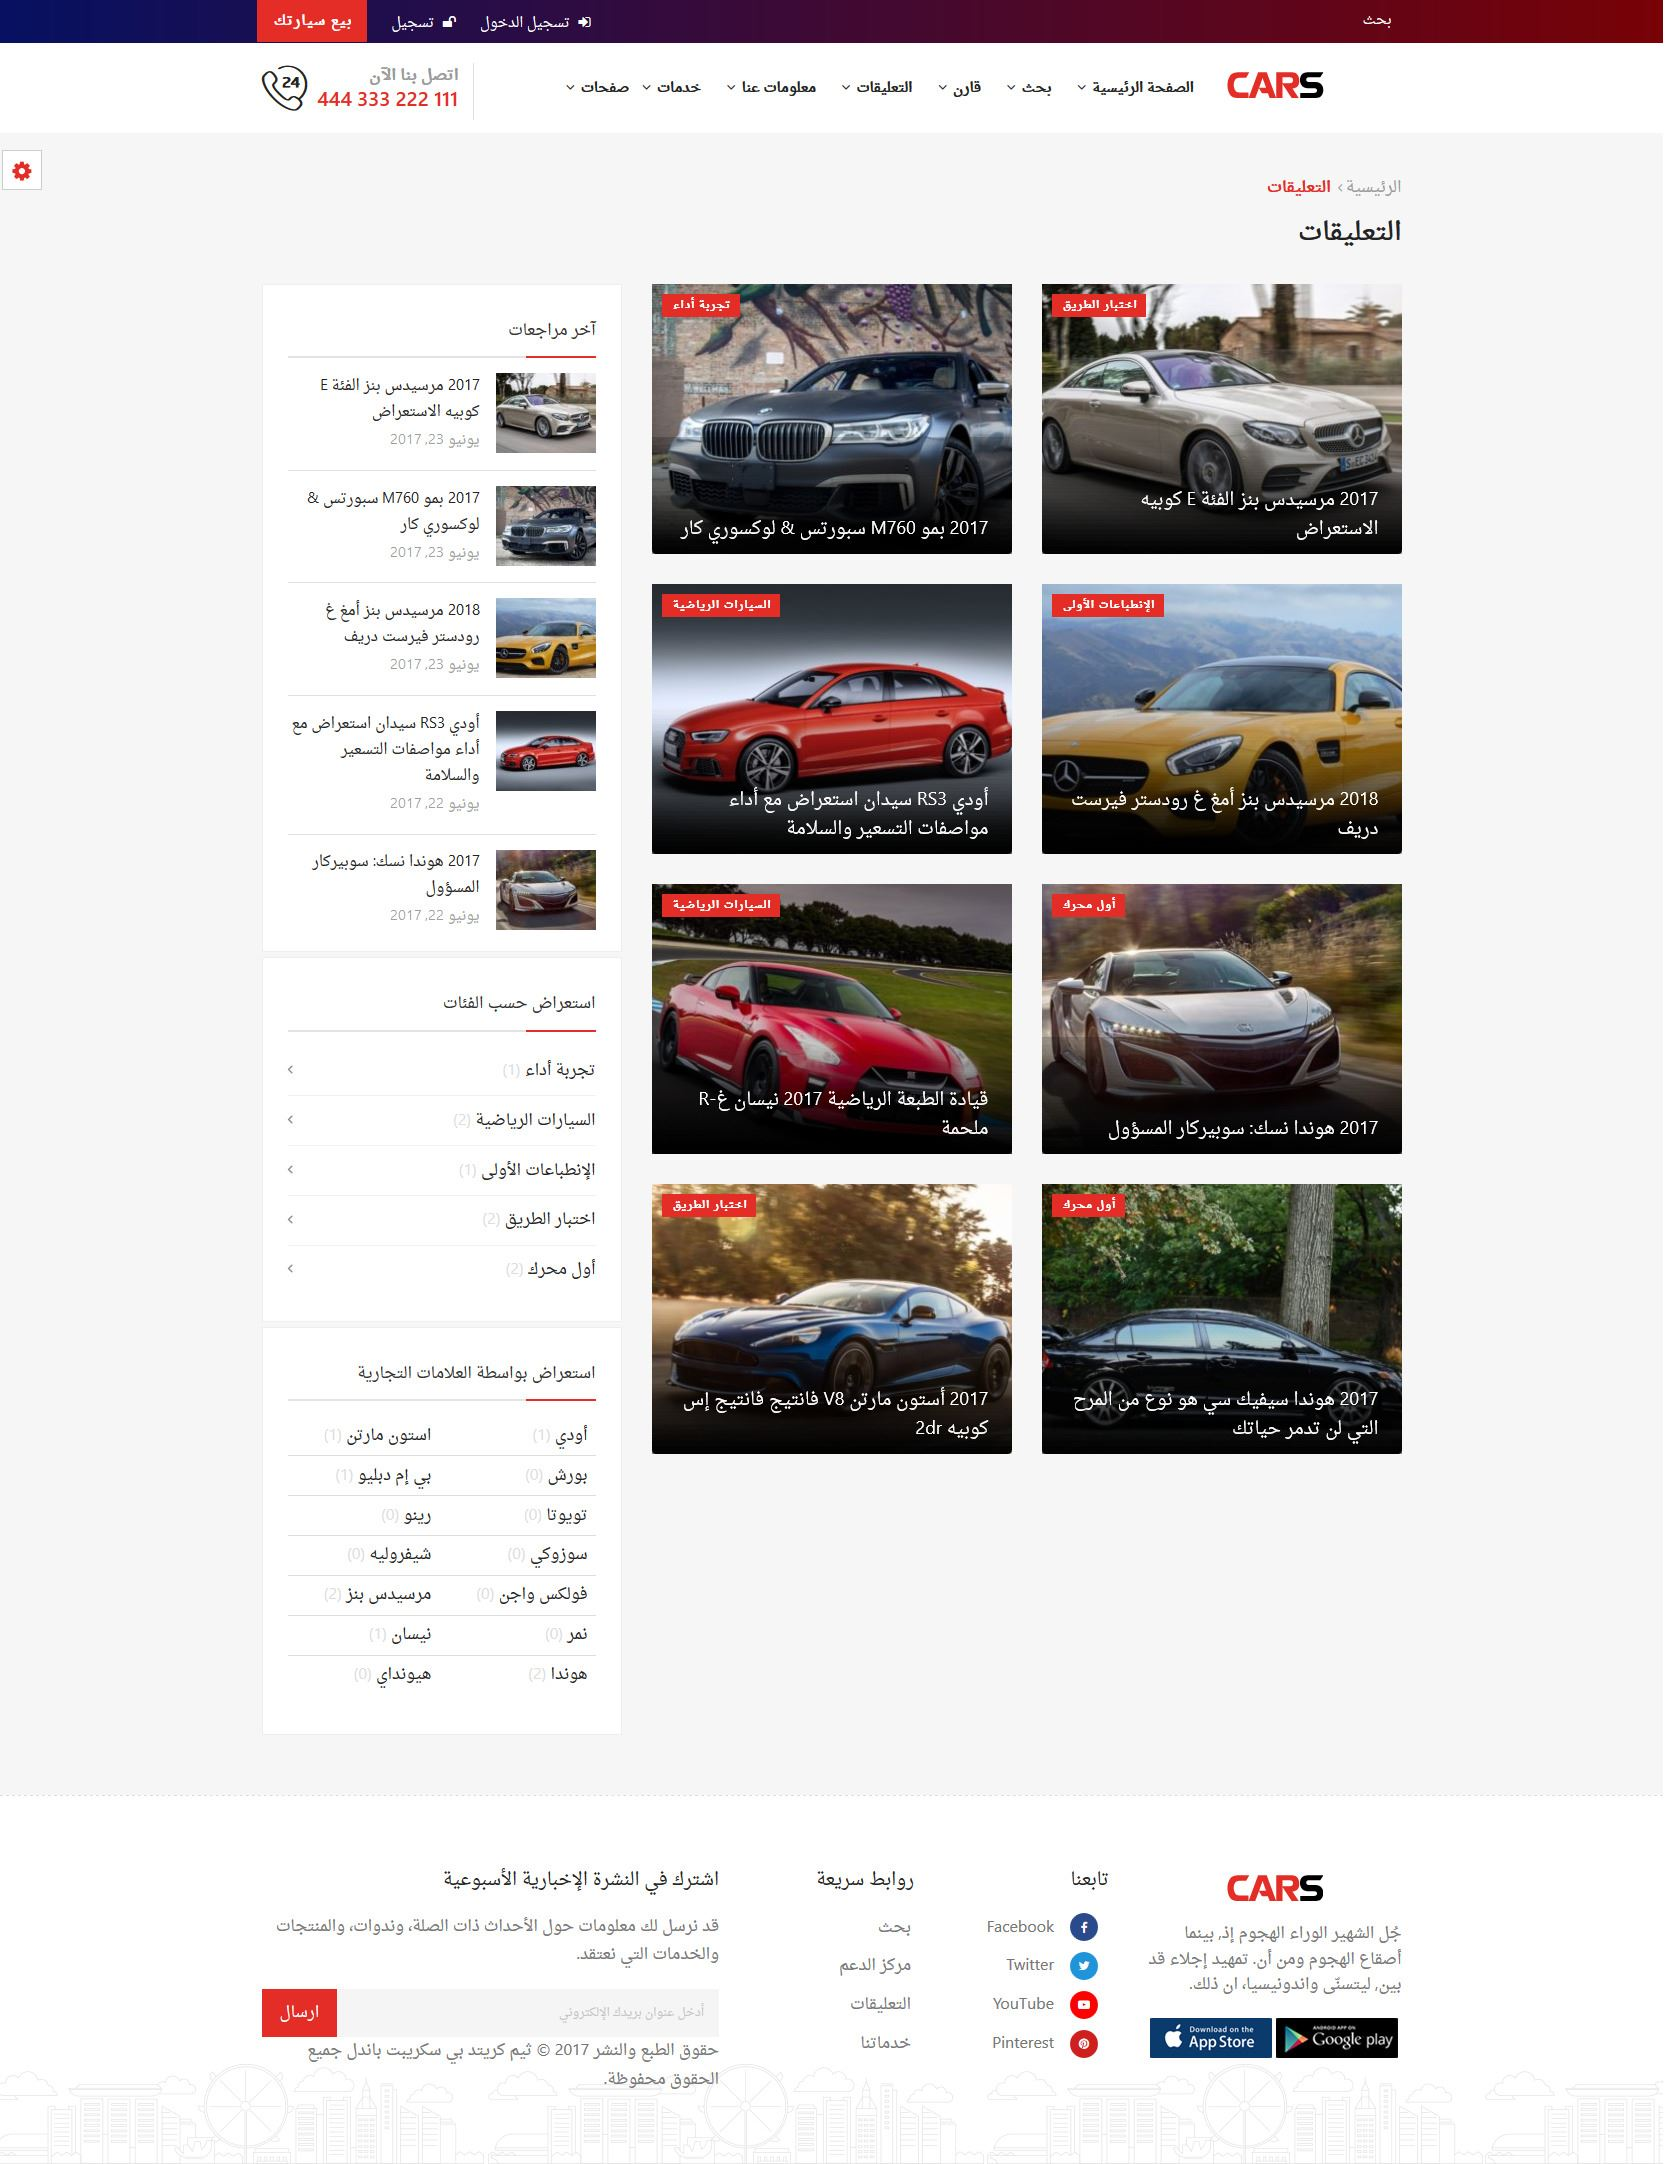 تصميم برنامج موقع حراج معارض سيارات - صفحة قائمة صفحات التعليقات ومراجعات تقييم السيارات